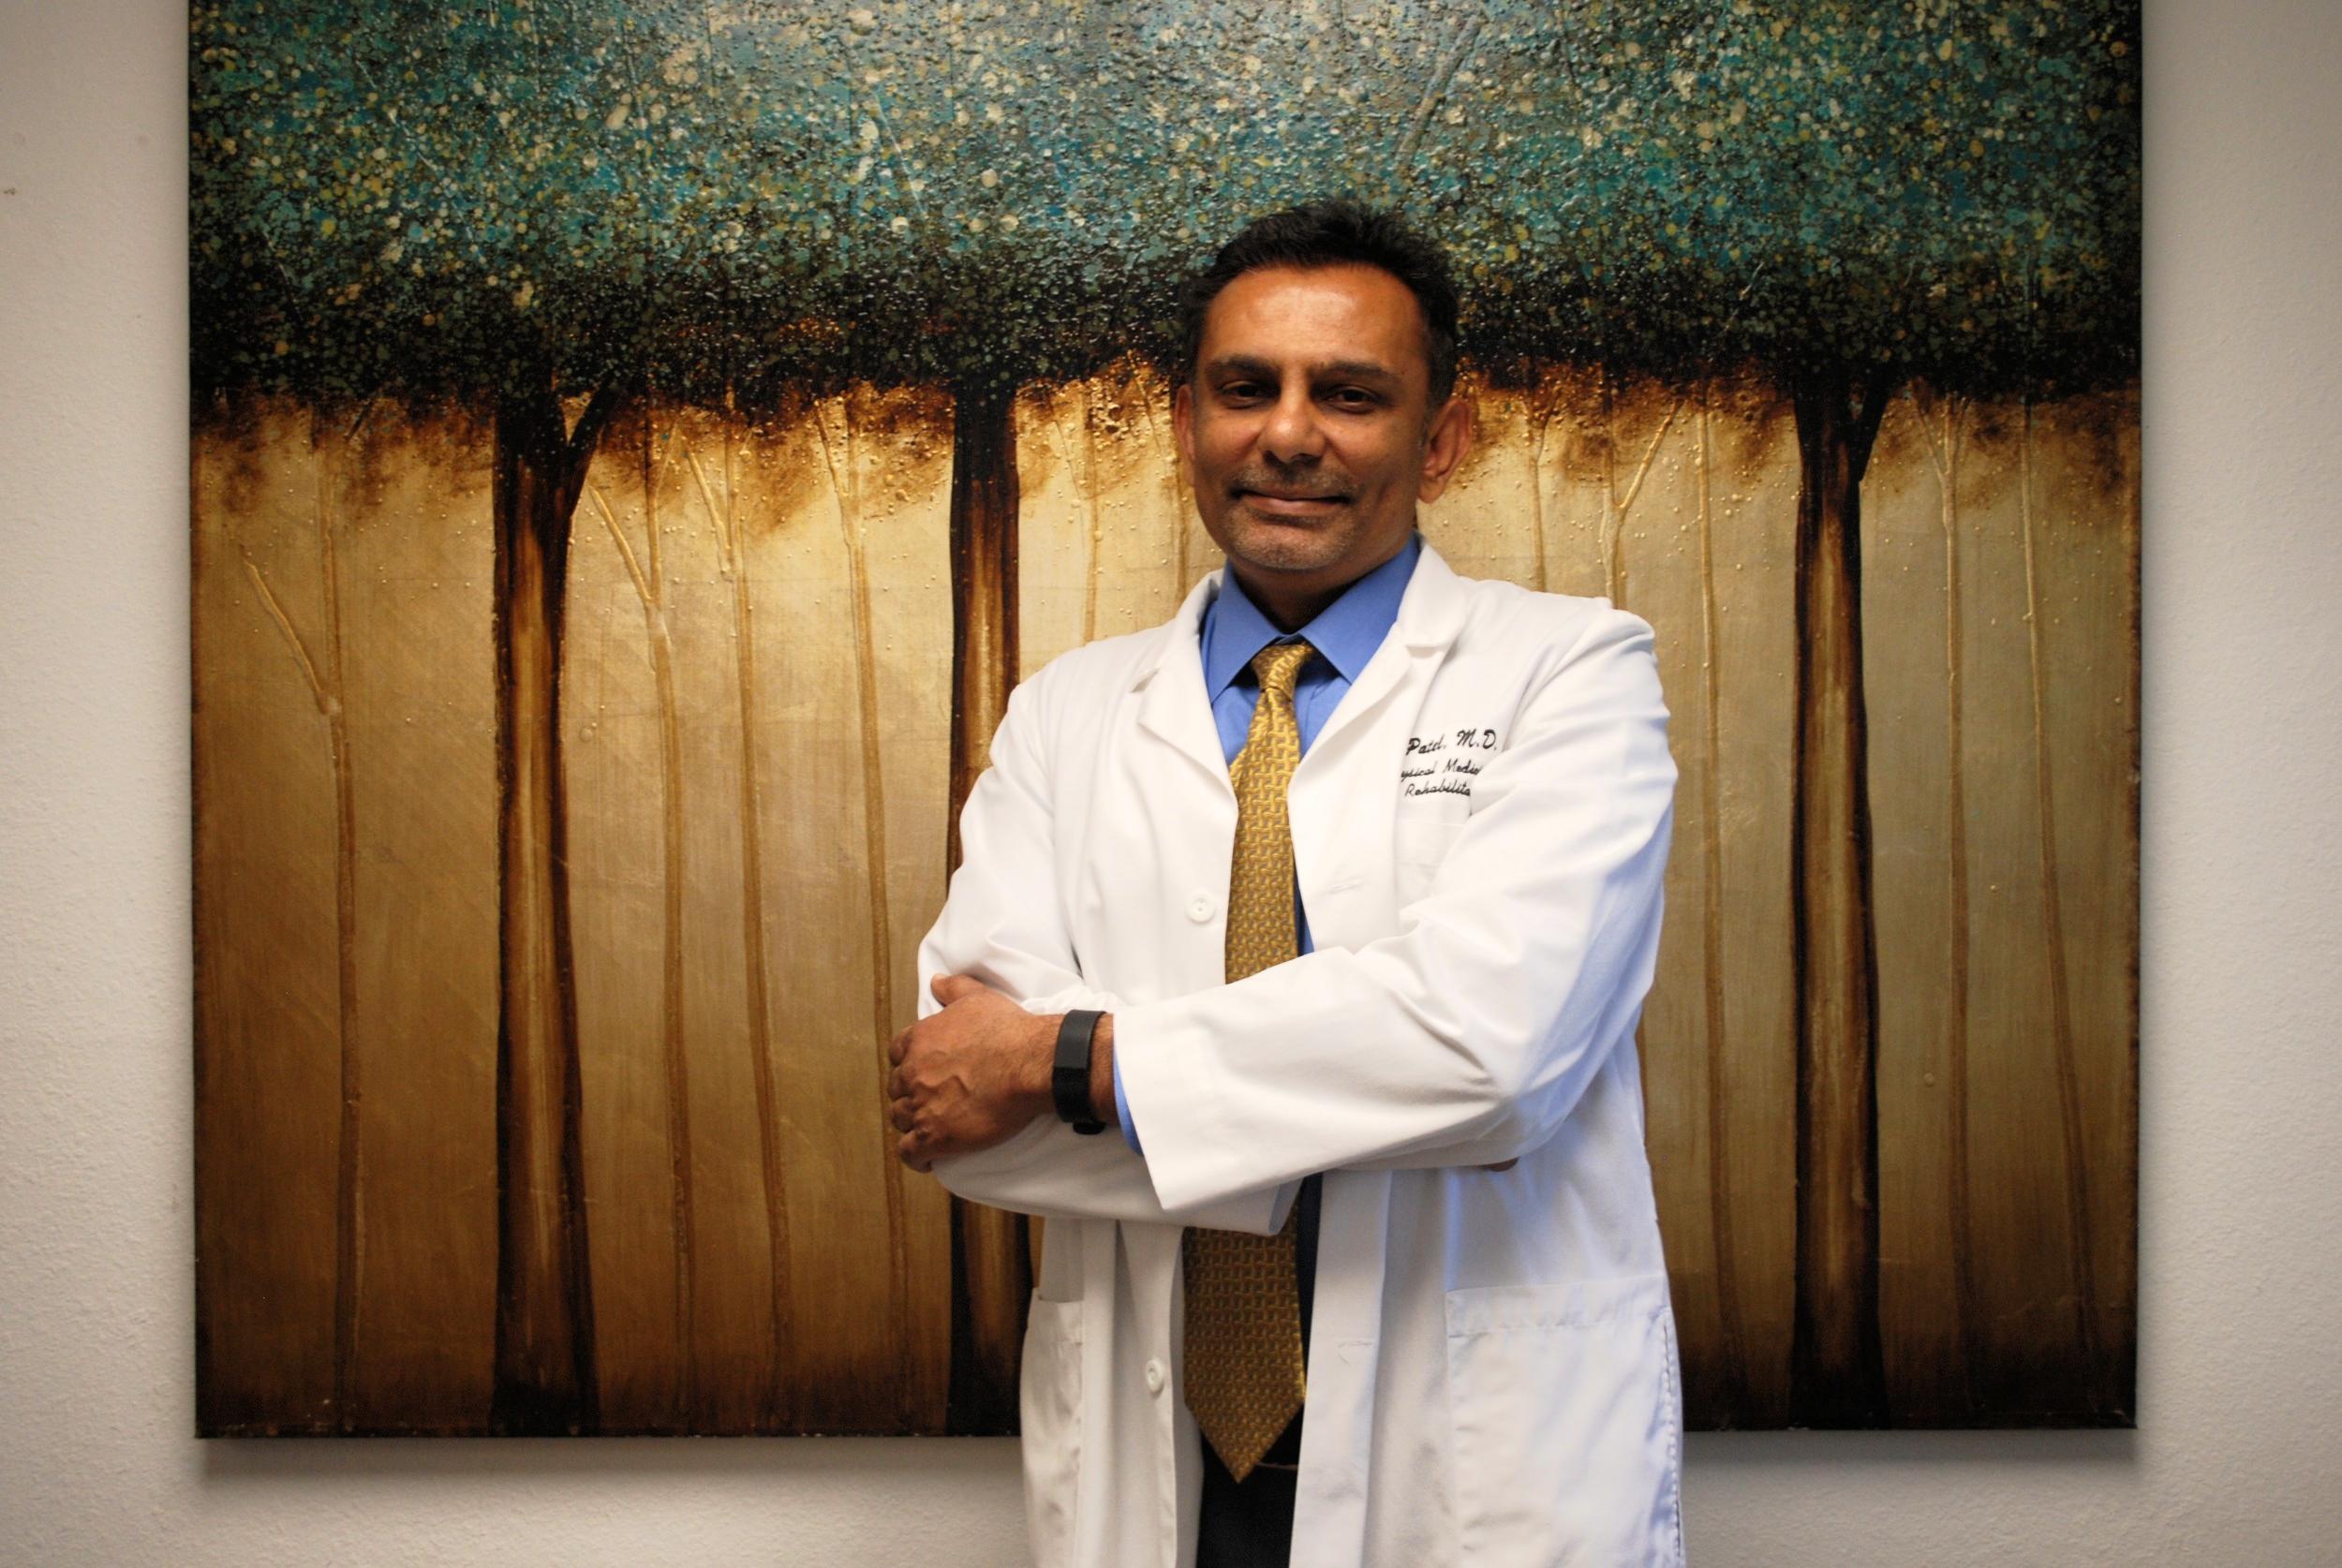 Sanjay R. Patel, M.D.